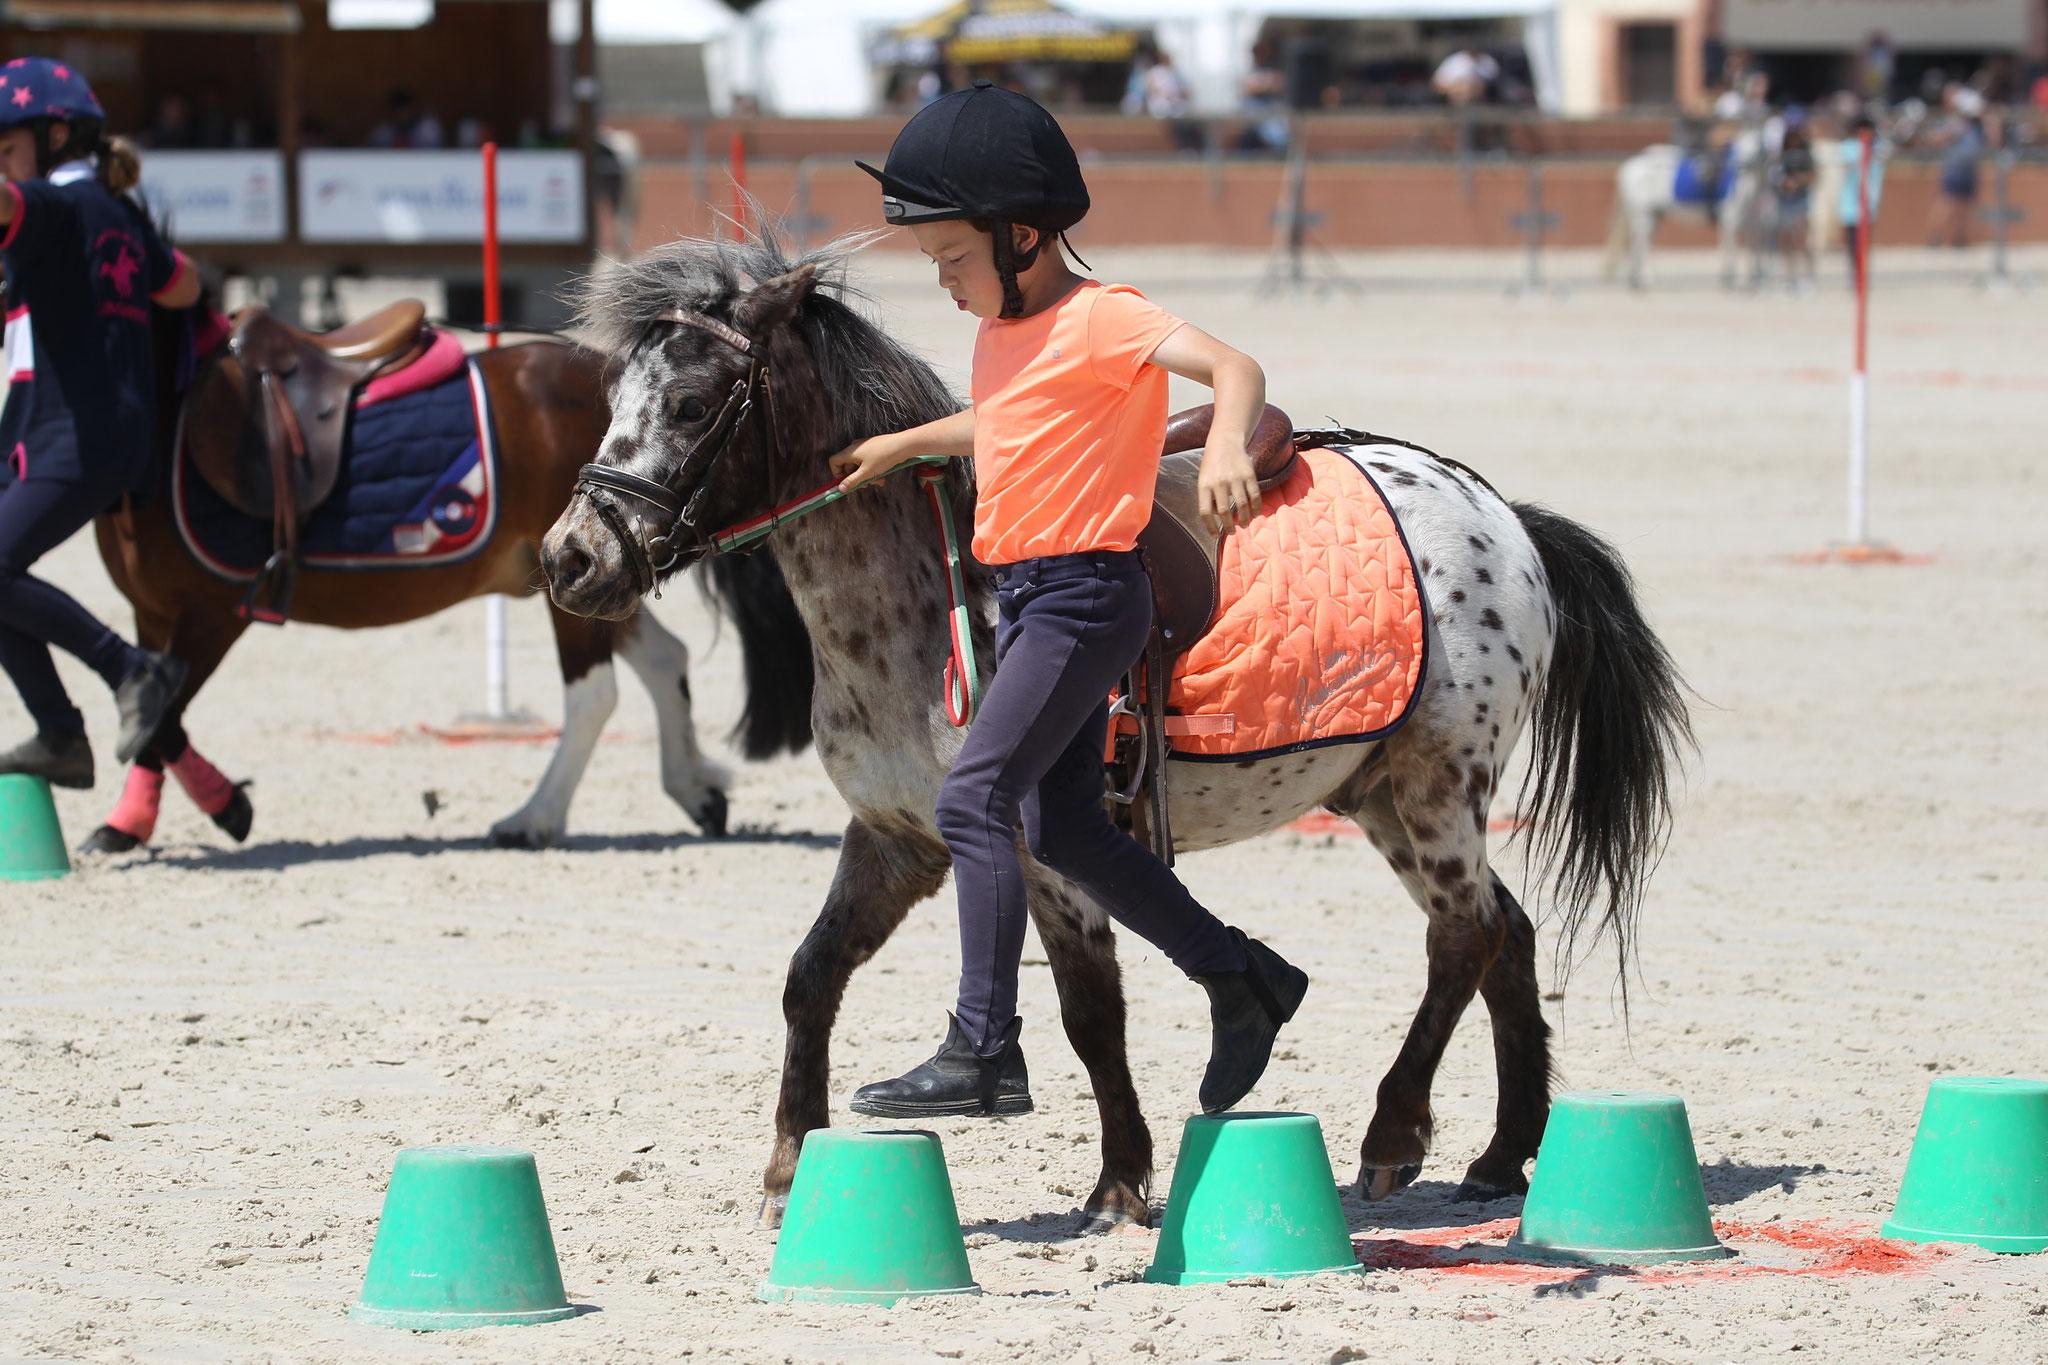 Les jeux à poneys, une pédagogie ludique